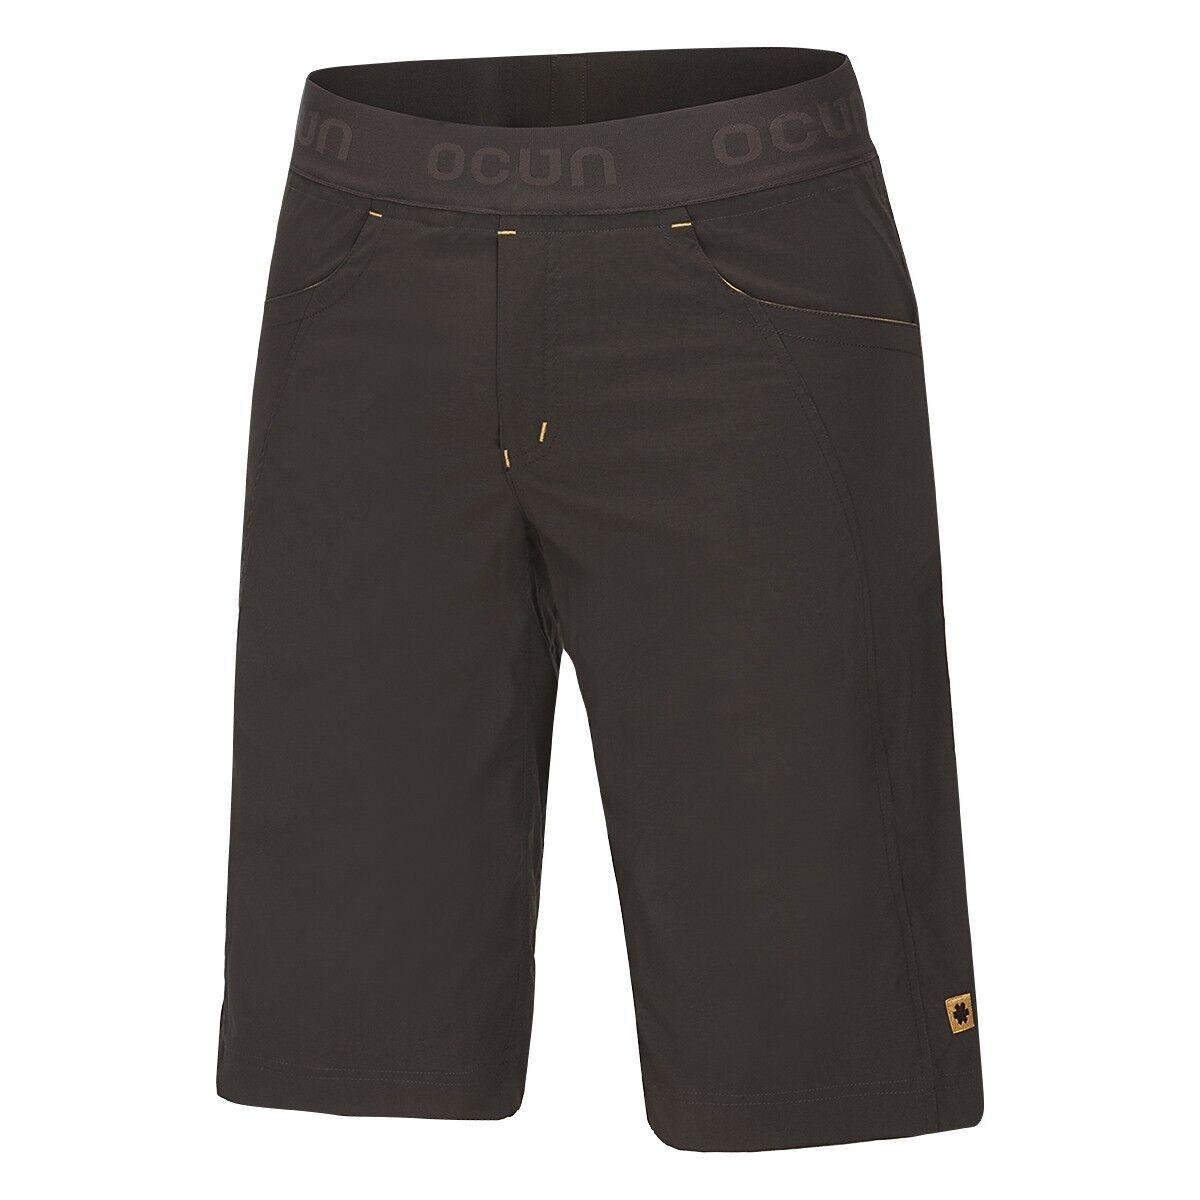 Ocun Mania Shorts Men, Klettershorts Klettershorts Klettershorts für Herren, braun - Gelb, Gr. L 2c0932